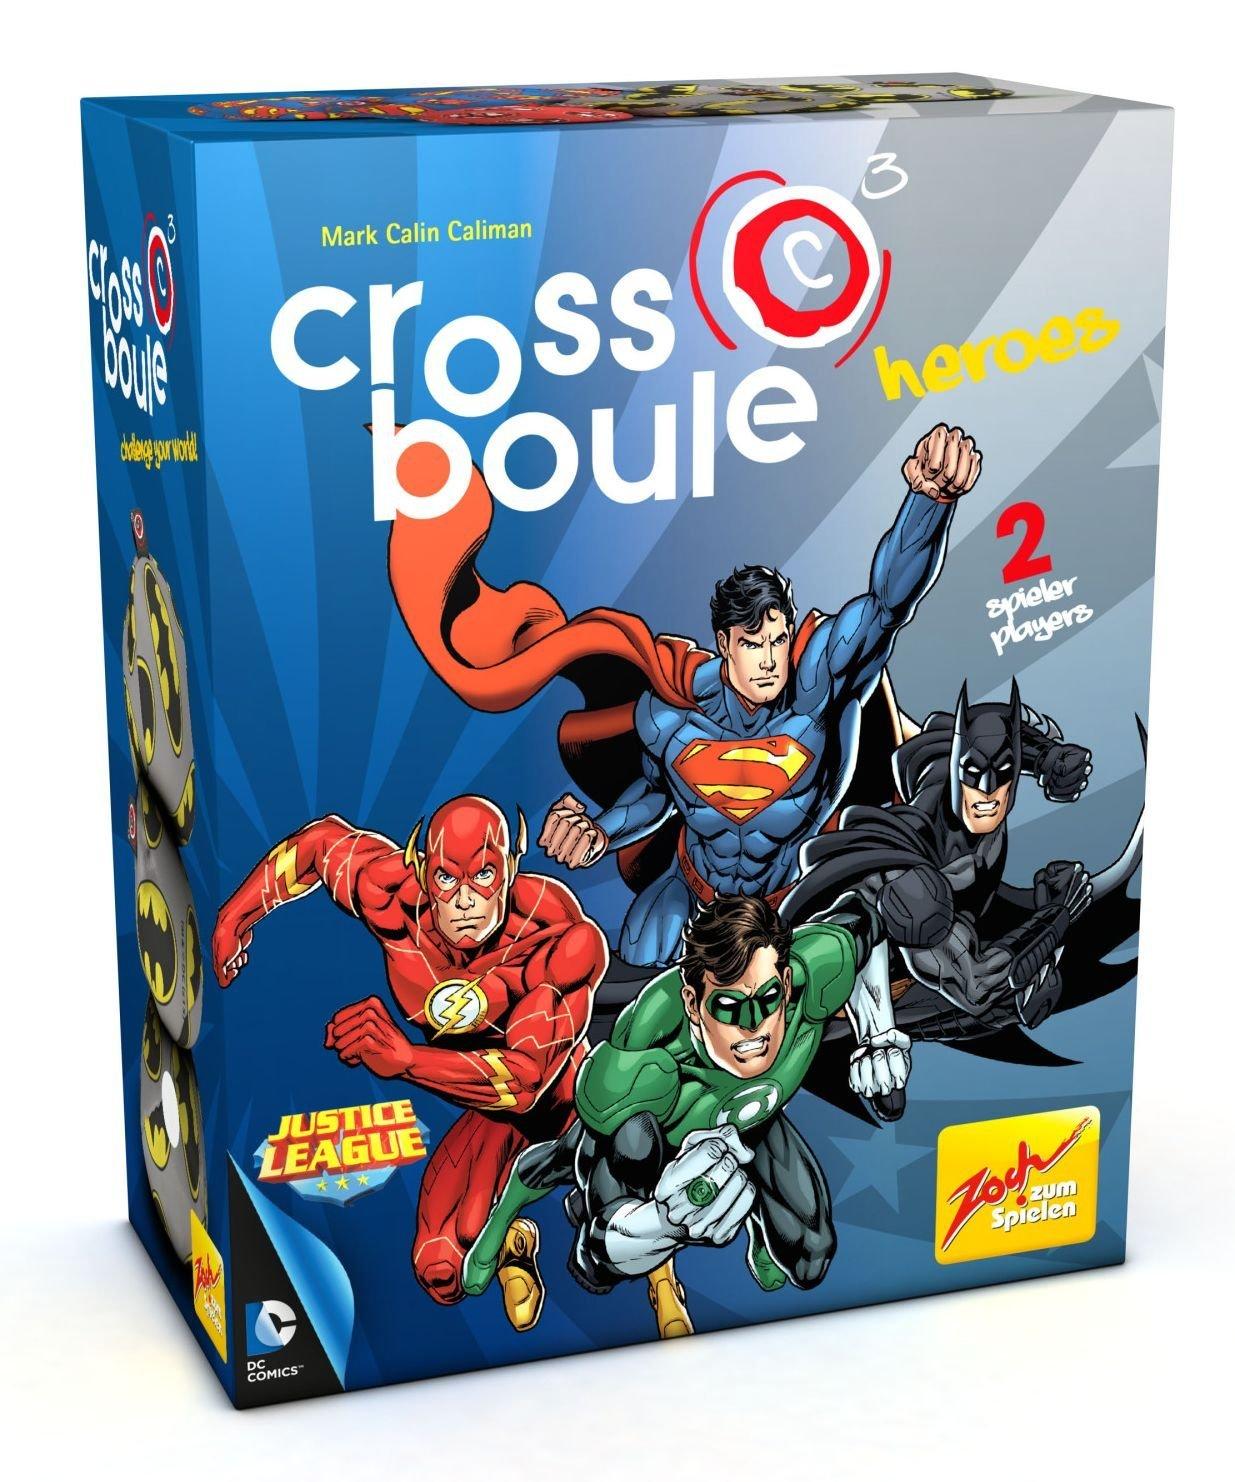 Zoch 601105089 Crossboule Spiel Heroes Batman Vs Superman